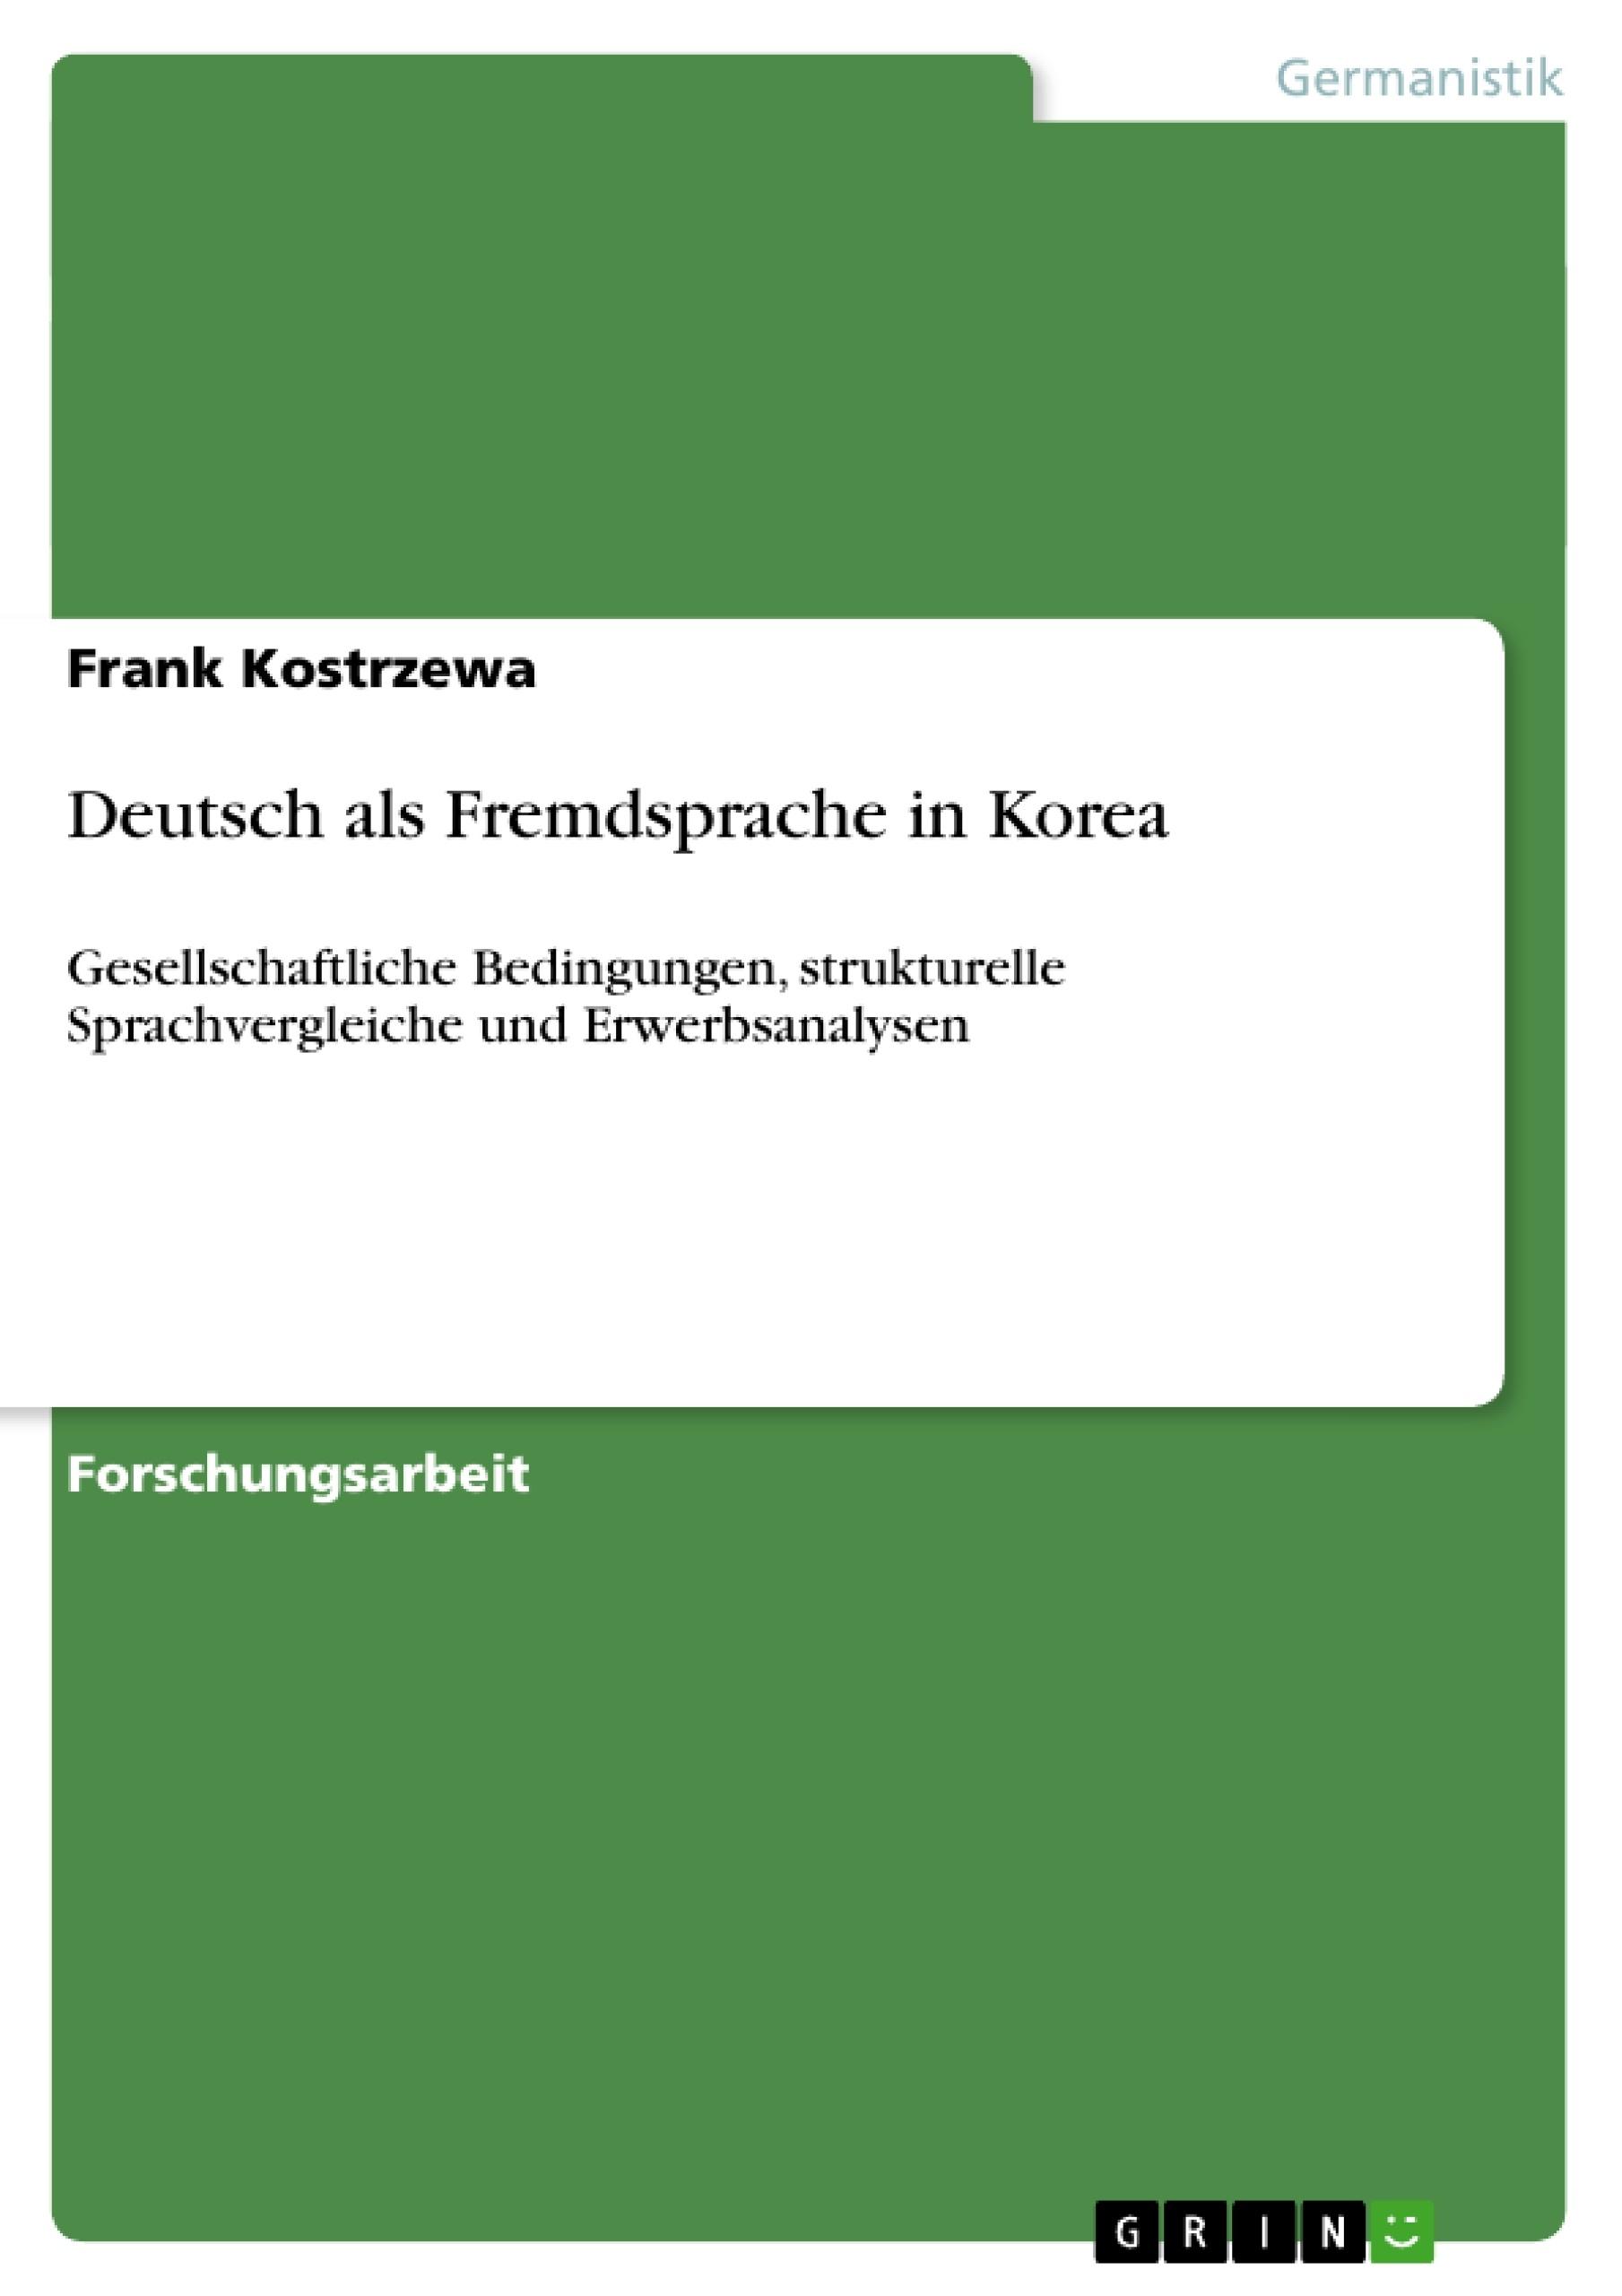 Titel: Deutsch als Fremdsprache in Korea